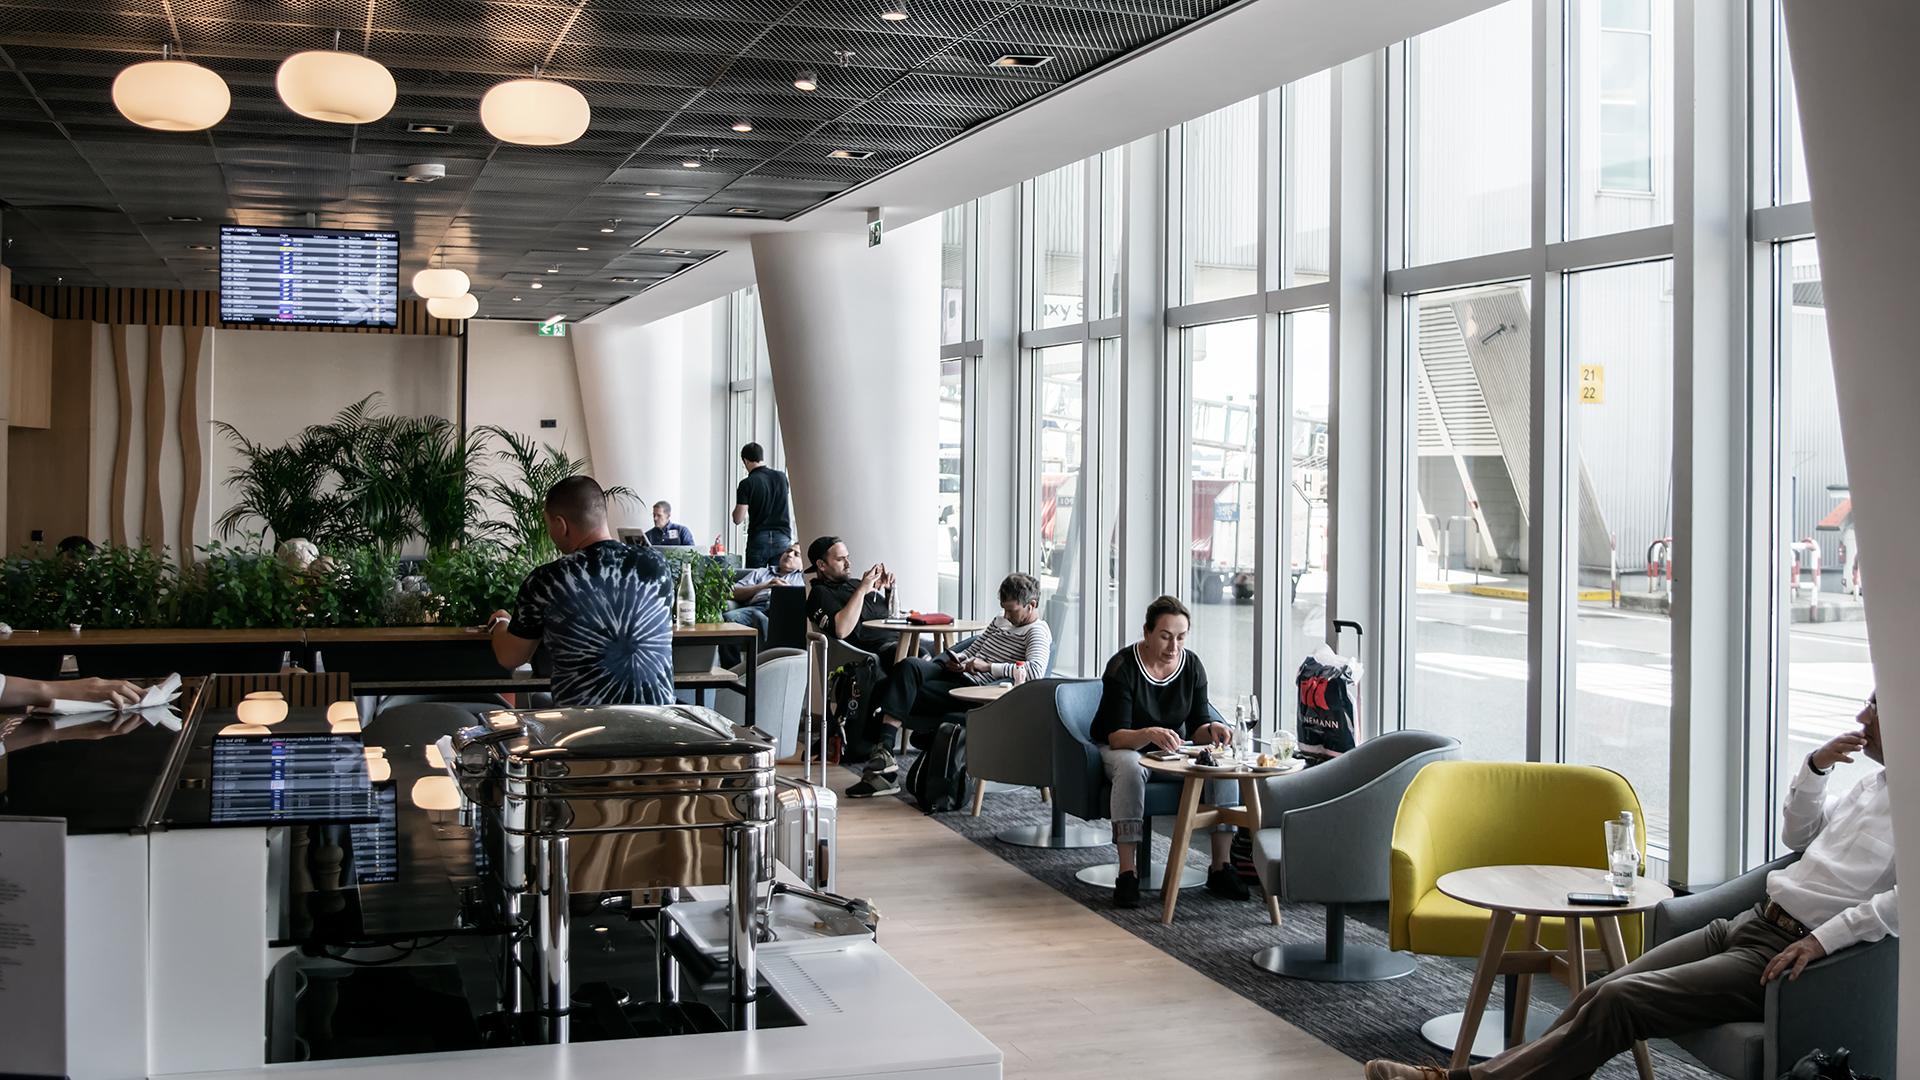 LOT Lounge